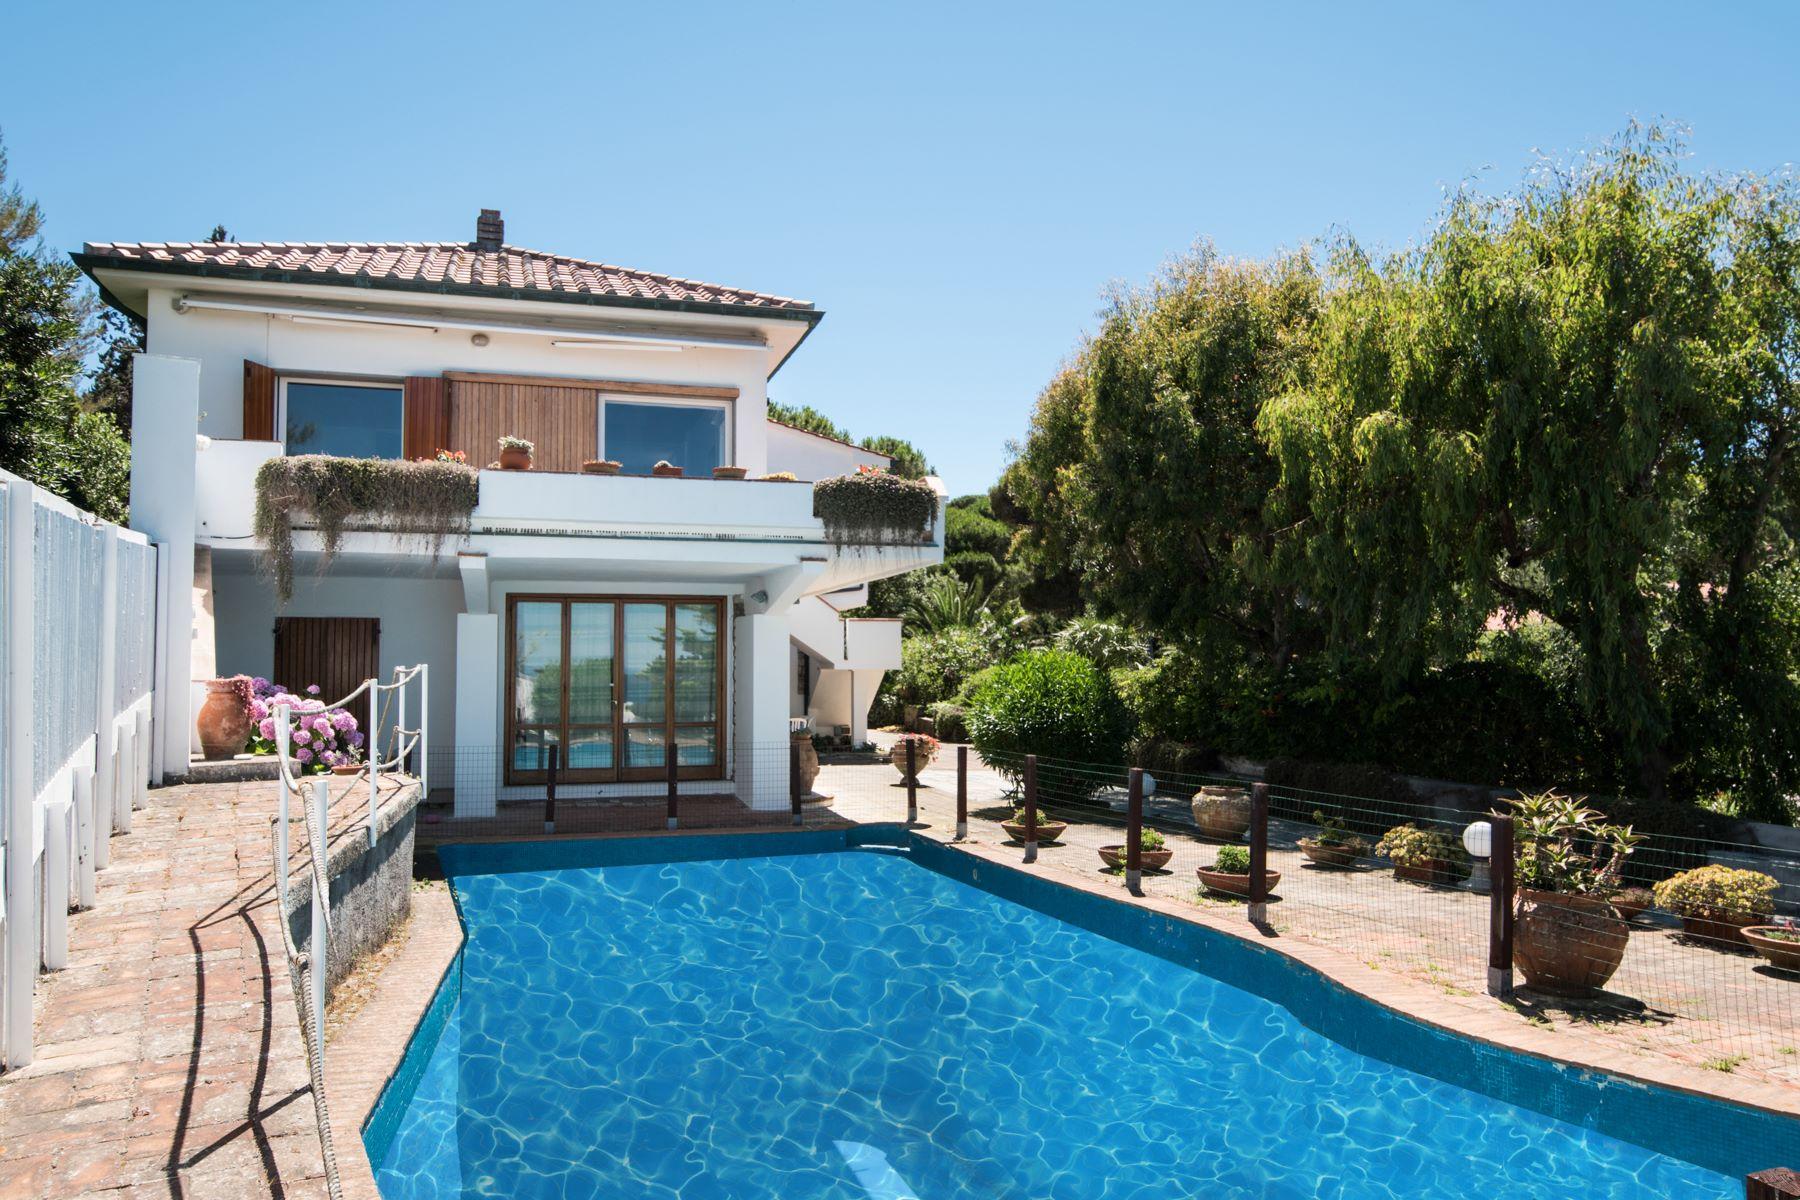 Maison unifamiliale pour l Vente à Unique beachfront villa with pool Via Einaudi Portoferraio, Livorno 57014 Italie